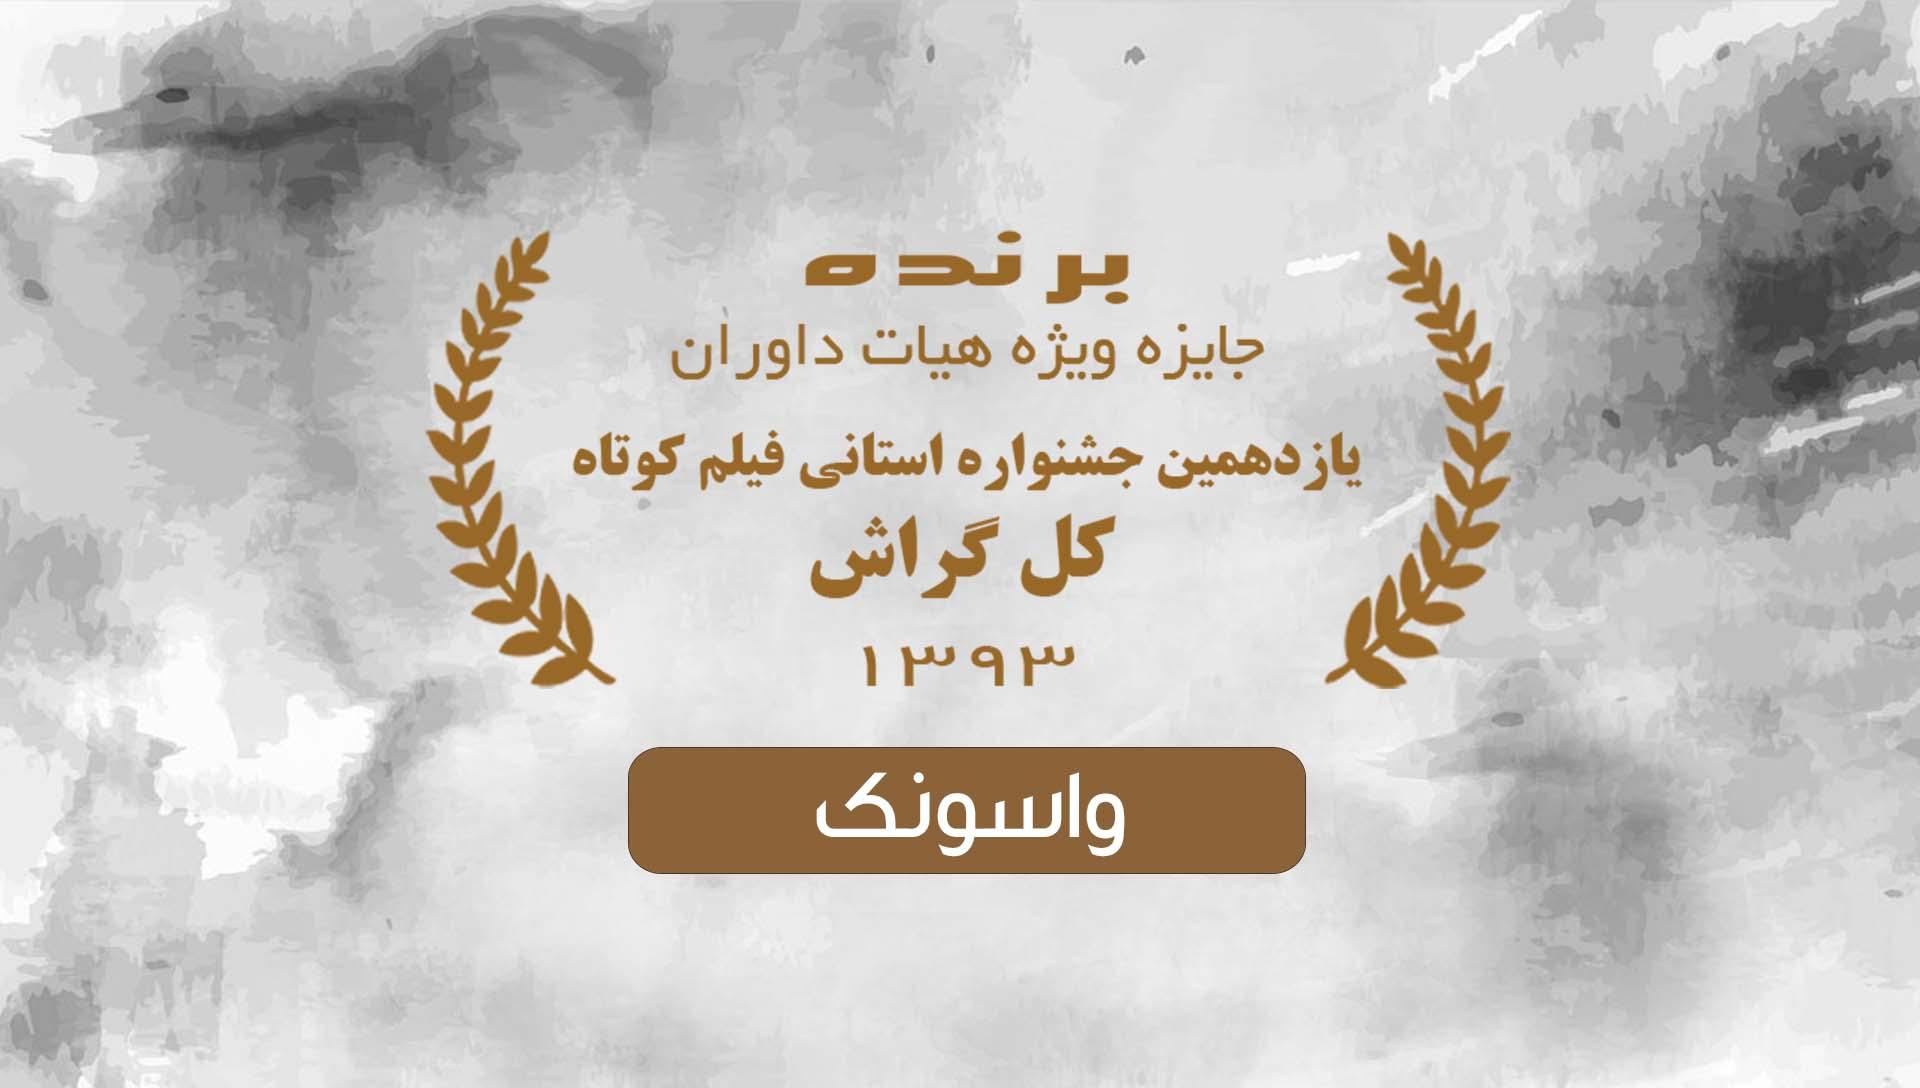 جشنواره کل گراش 93 - شرکت فیلم سازی زوم شیراز برادران شریفی